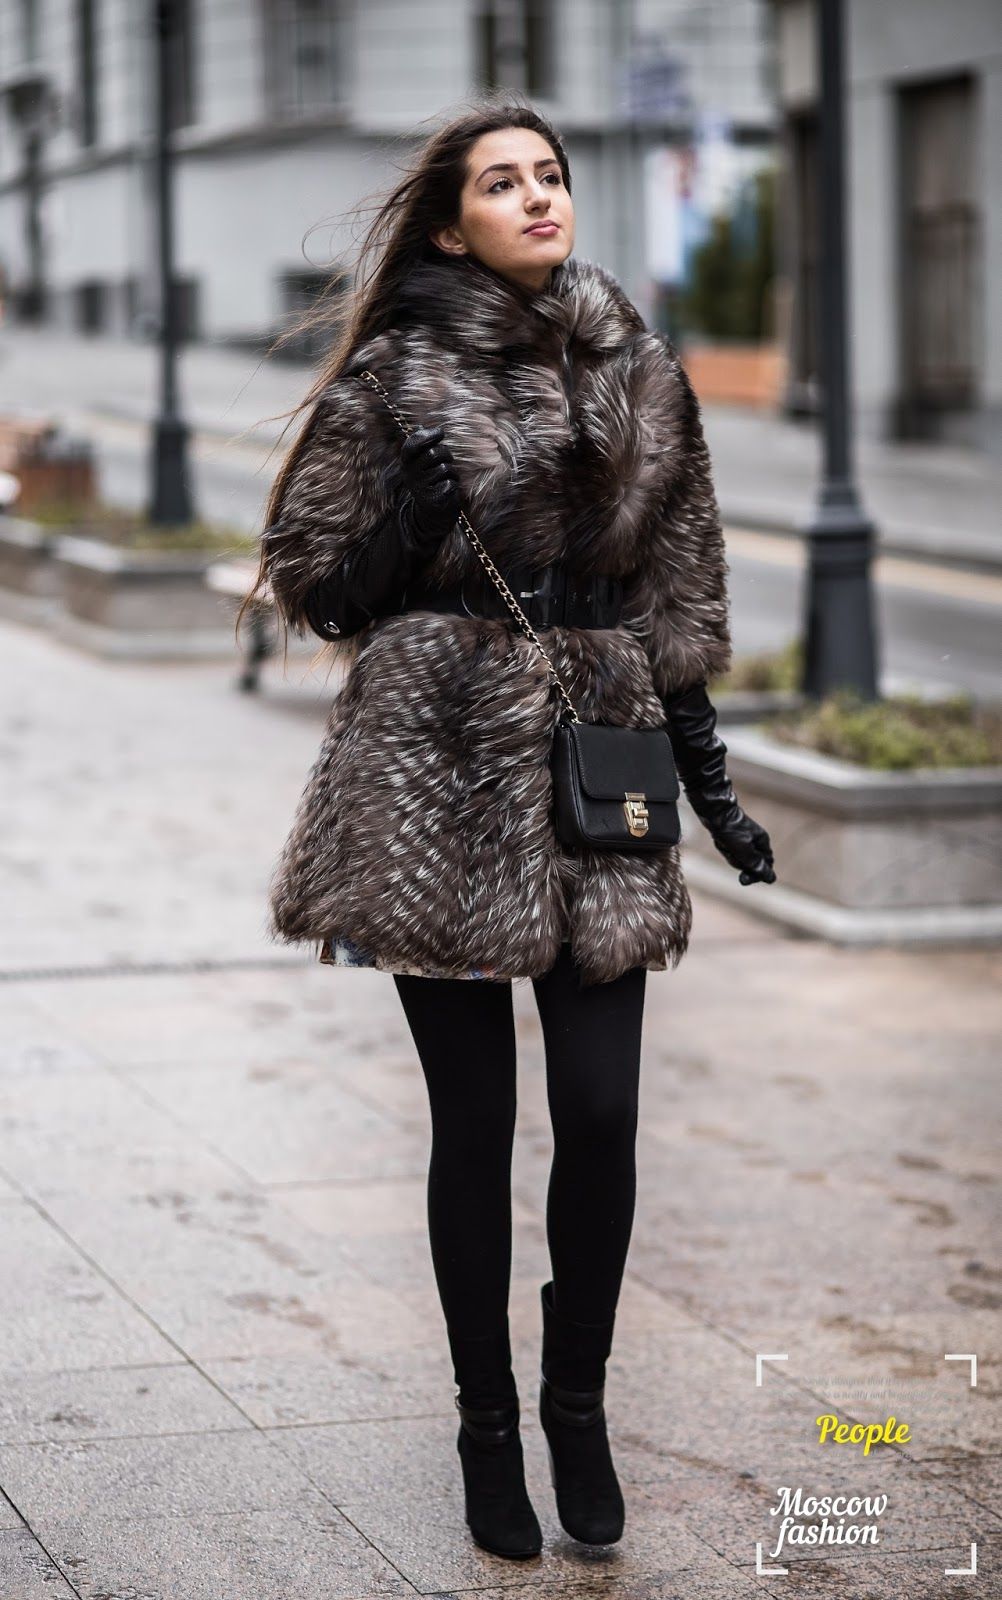 Eva Halinor Moscow Fashion People Стильные люди Москвы